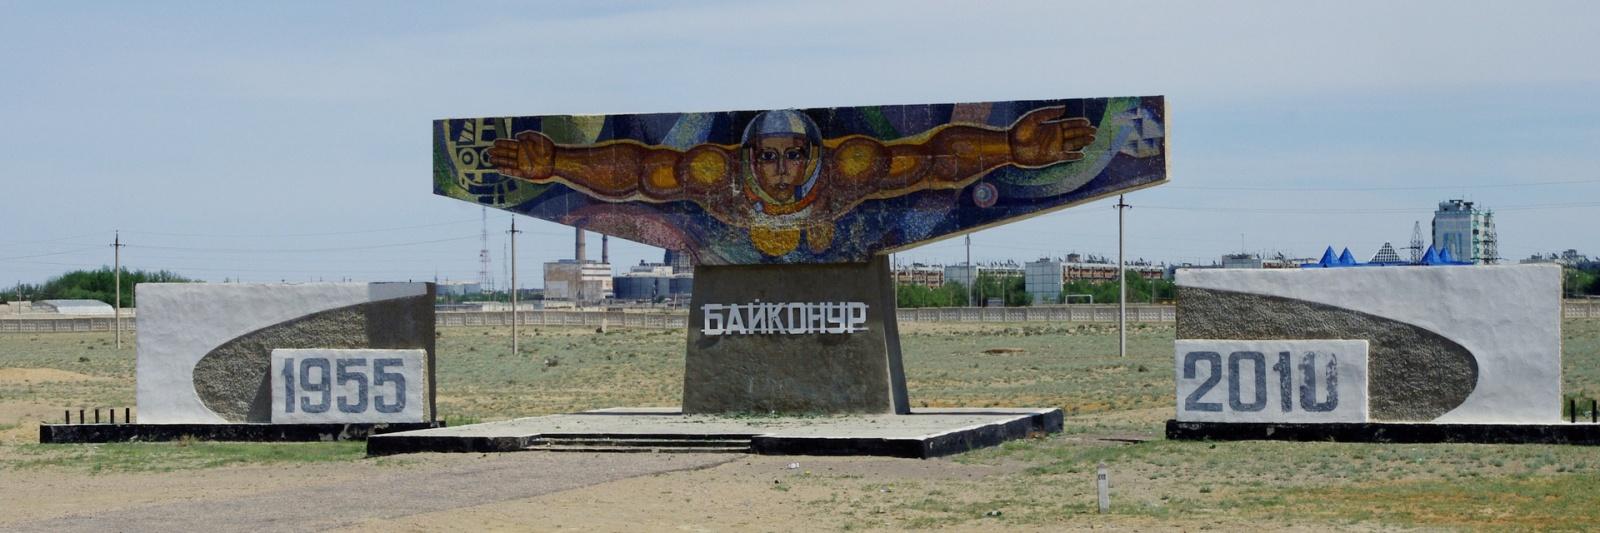 Роскосмос будет развивать туризм на космодромах «Байконур» и «Восточный» - 1